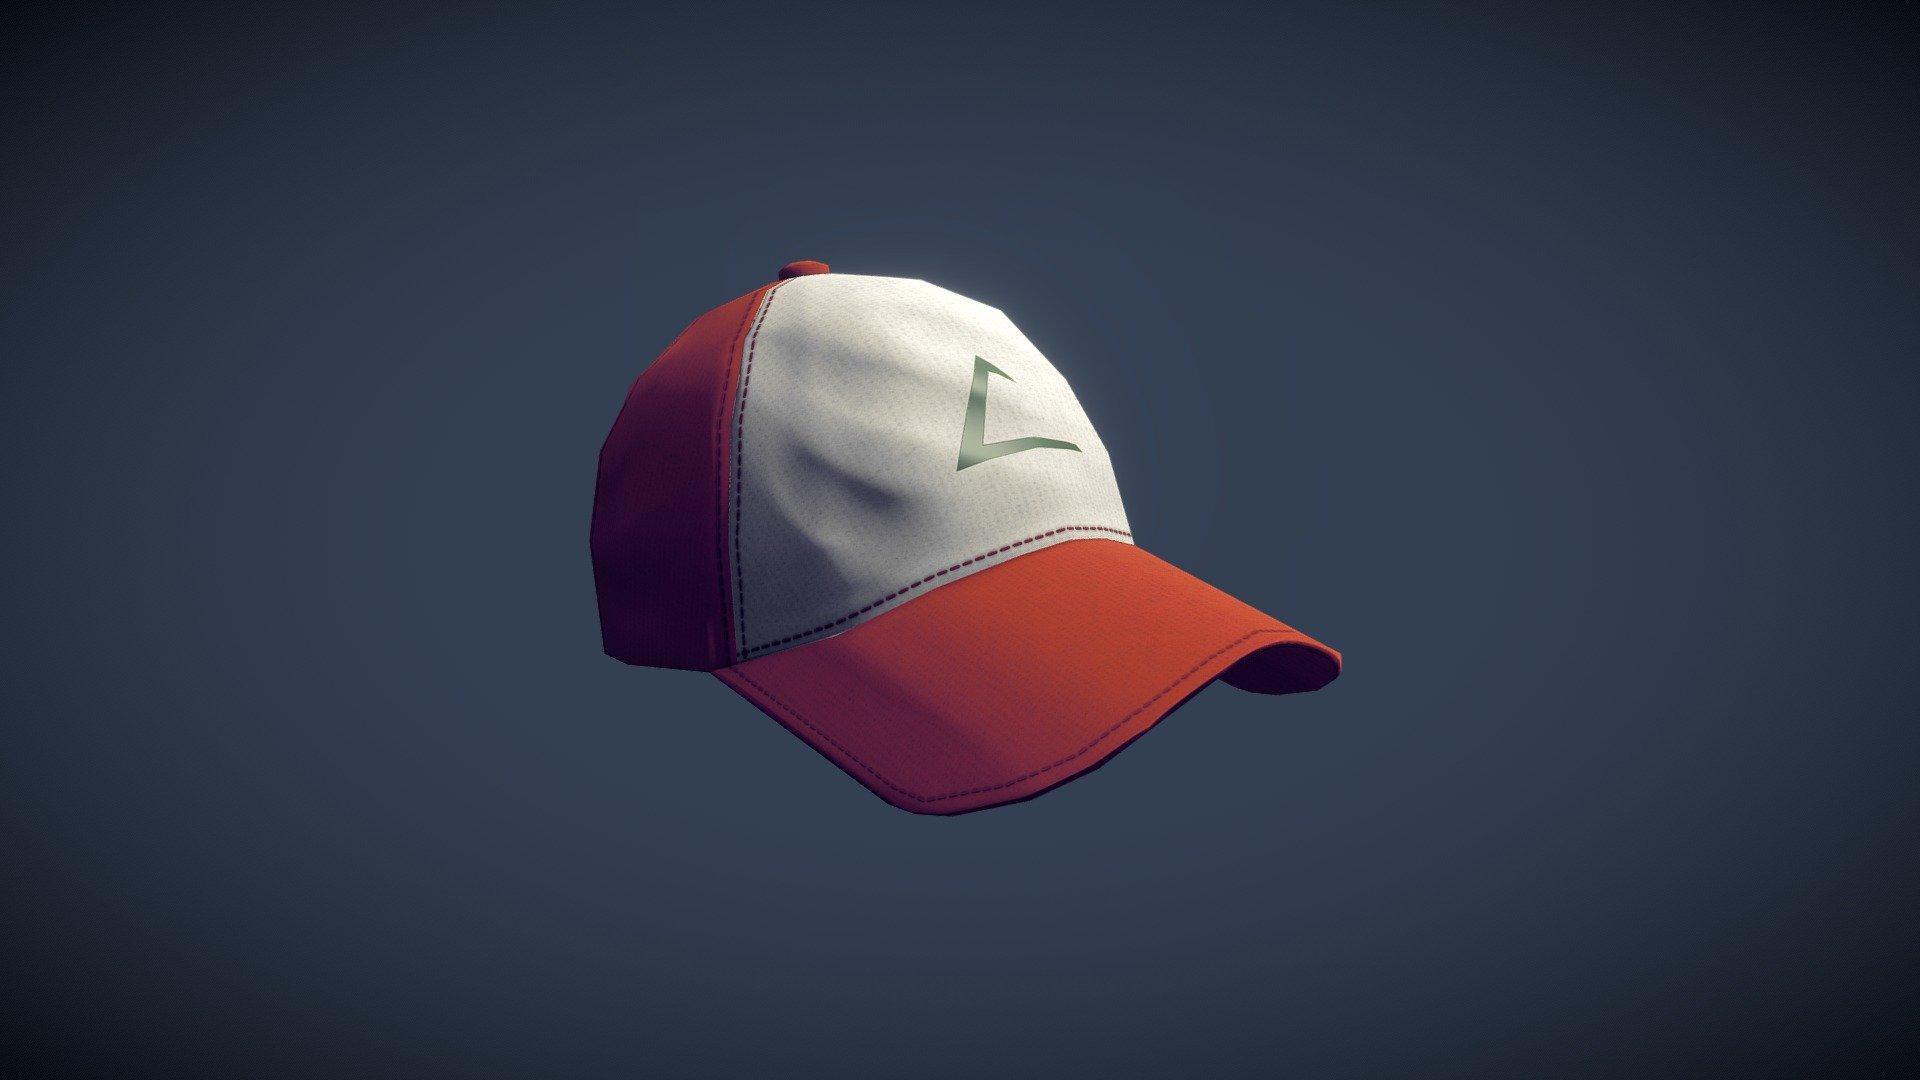 Pokemon master's cap